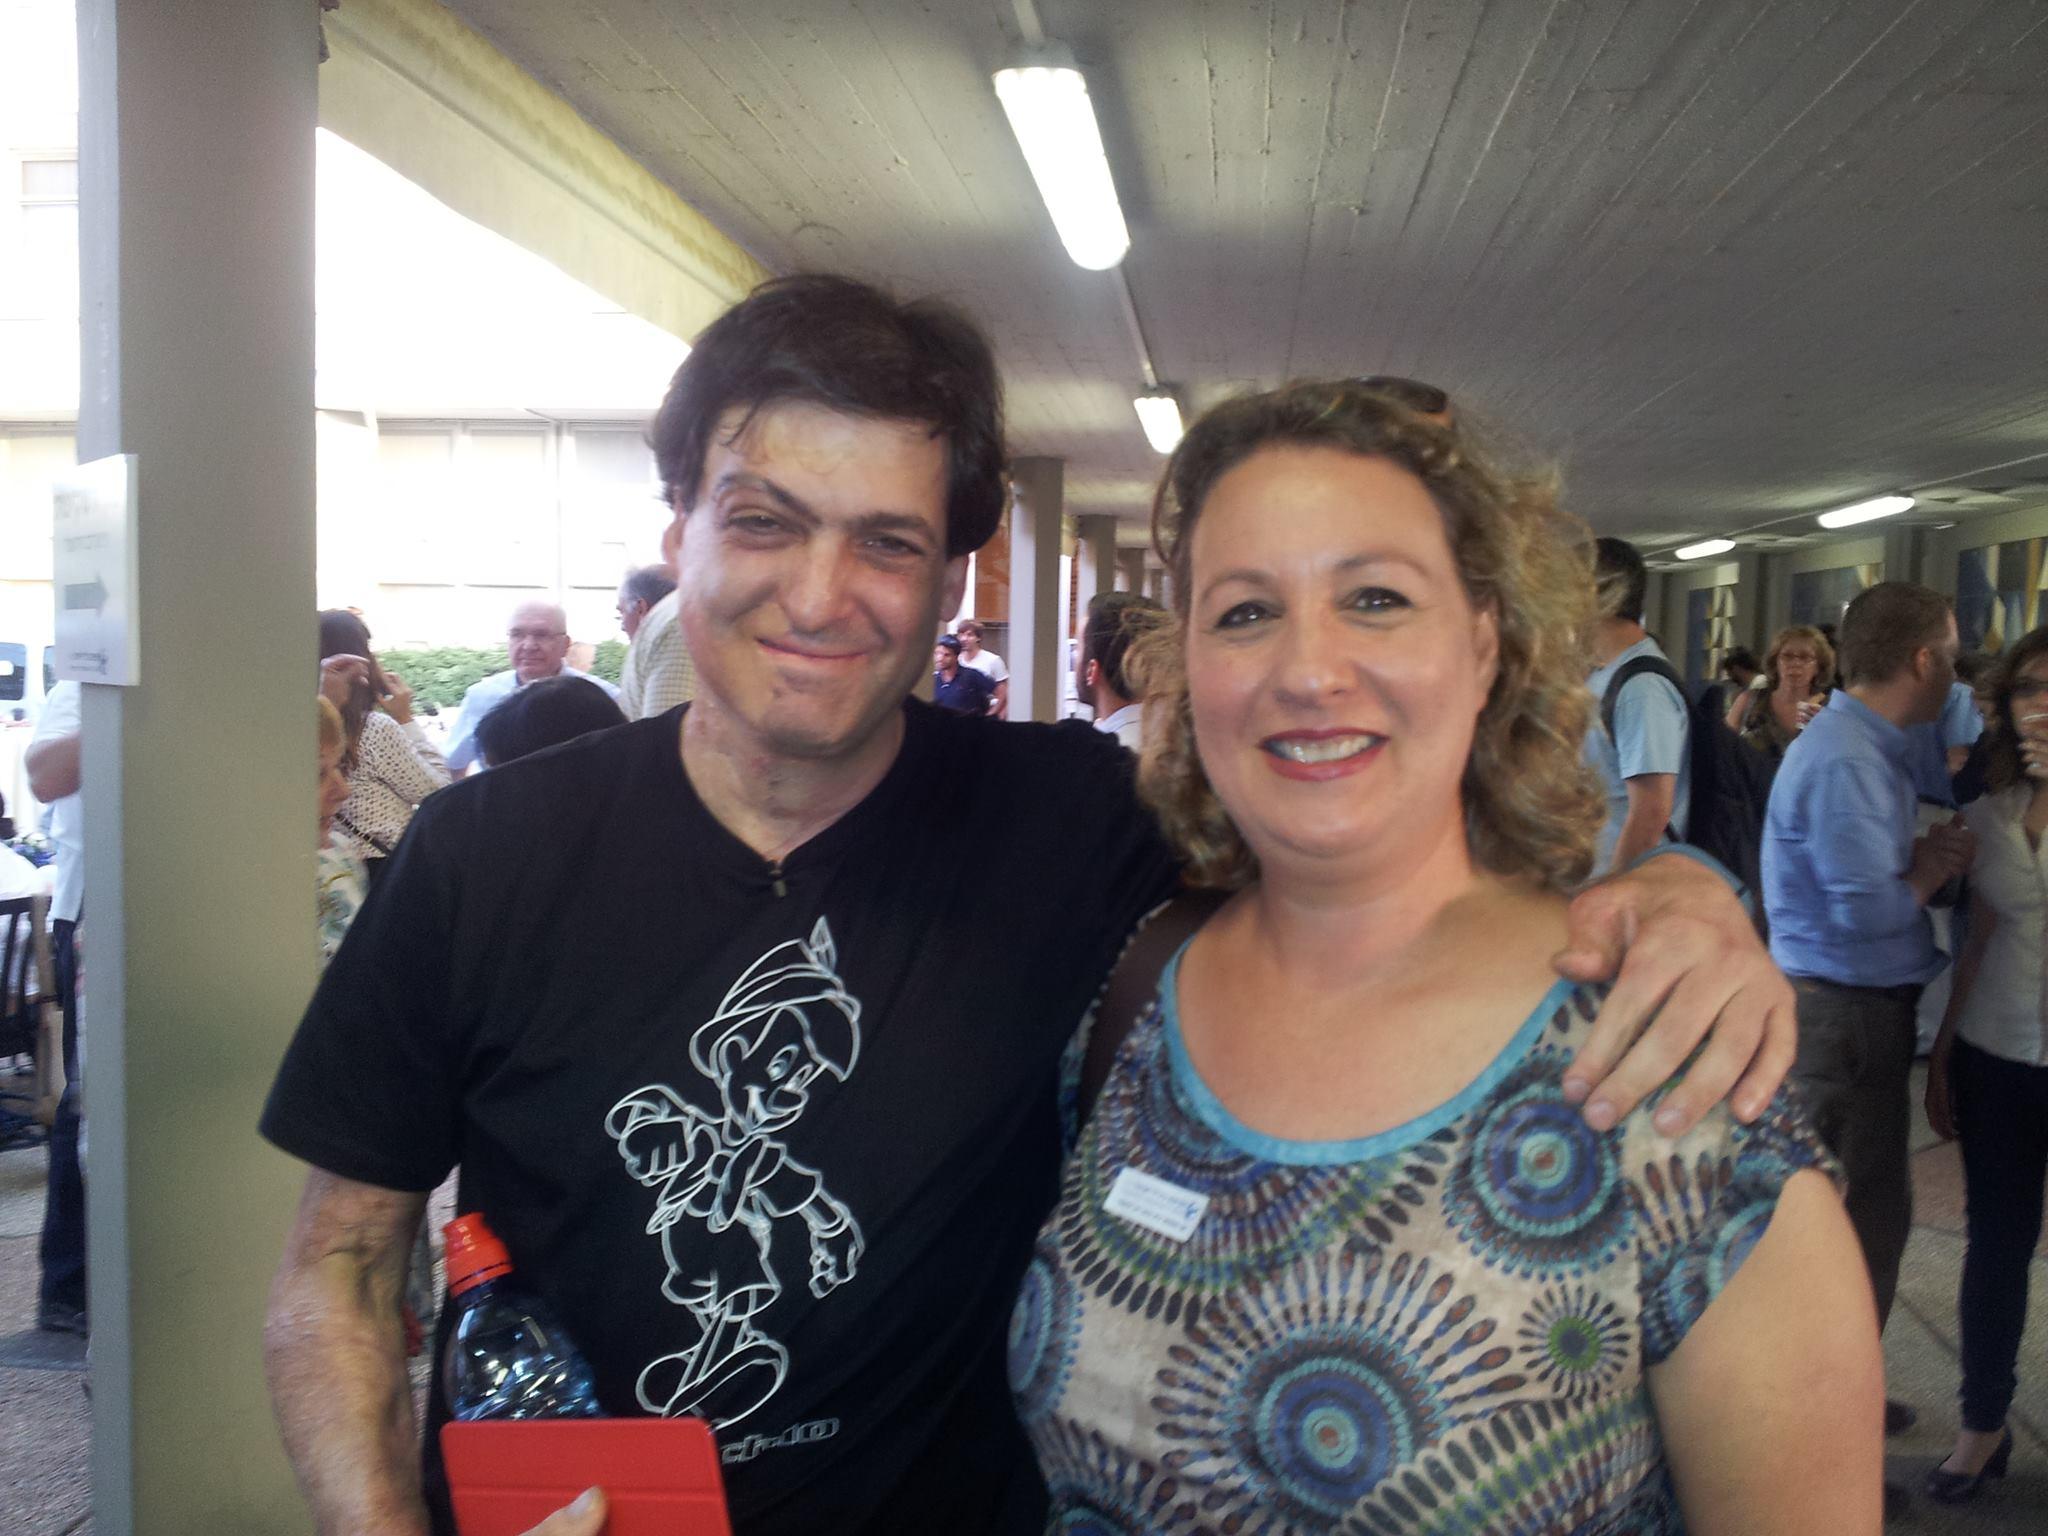 אני ודן אריאלי בטקס מגן השקיפות באוניברסיטת תל אביב